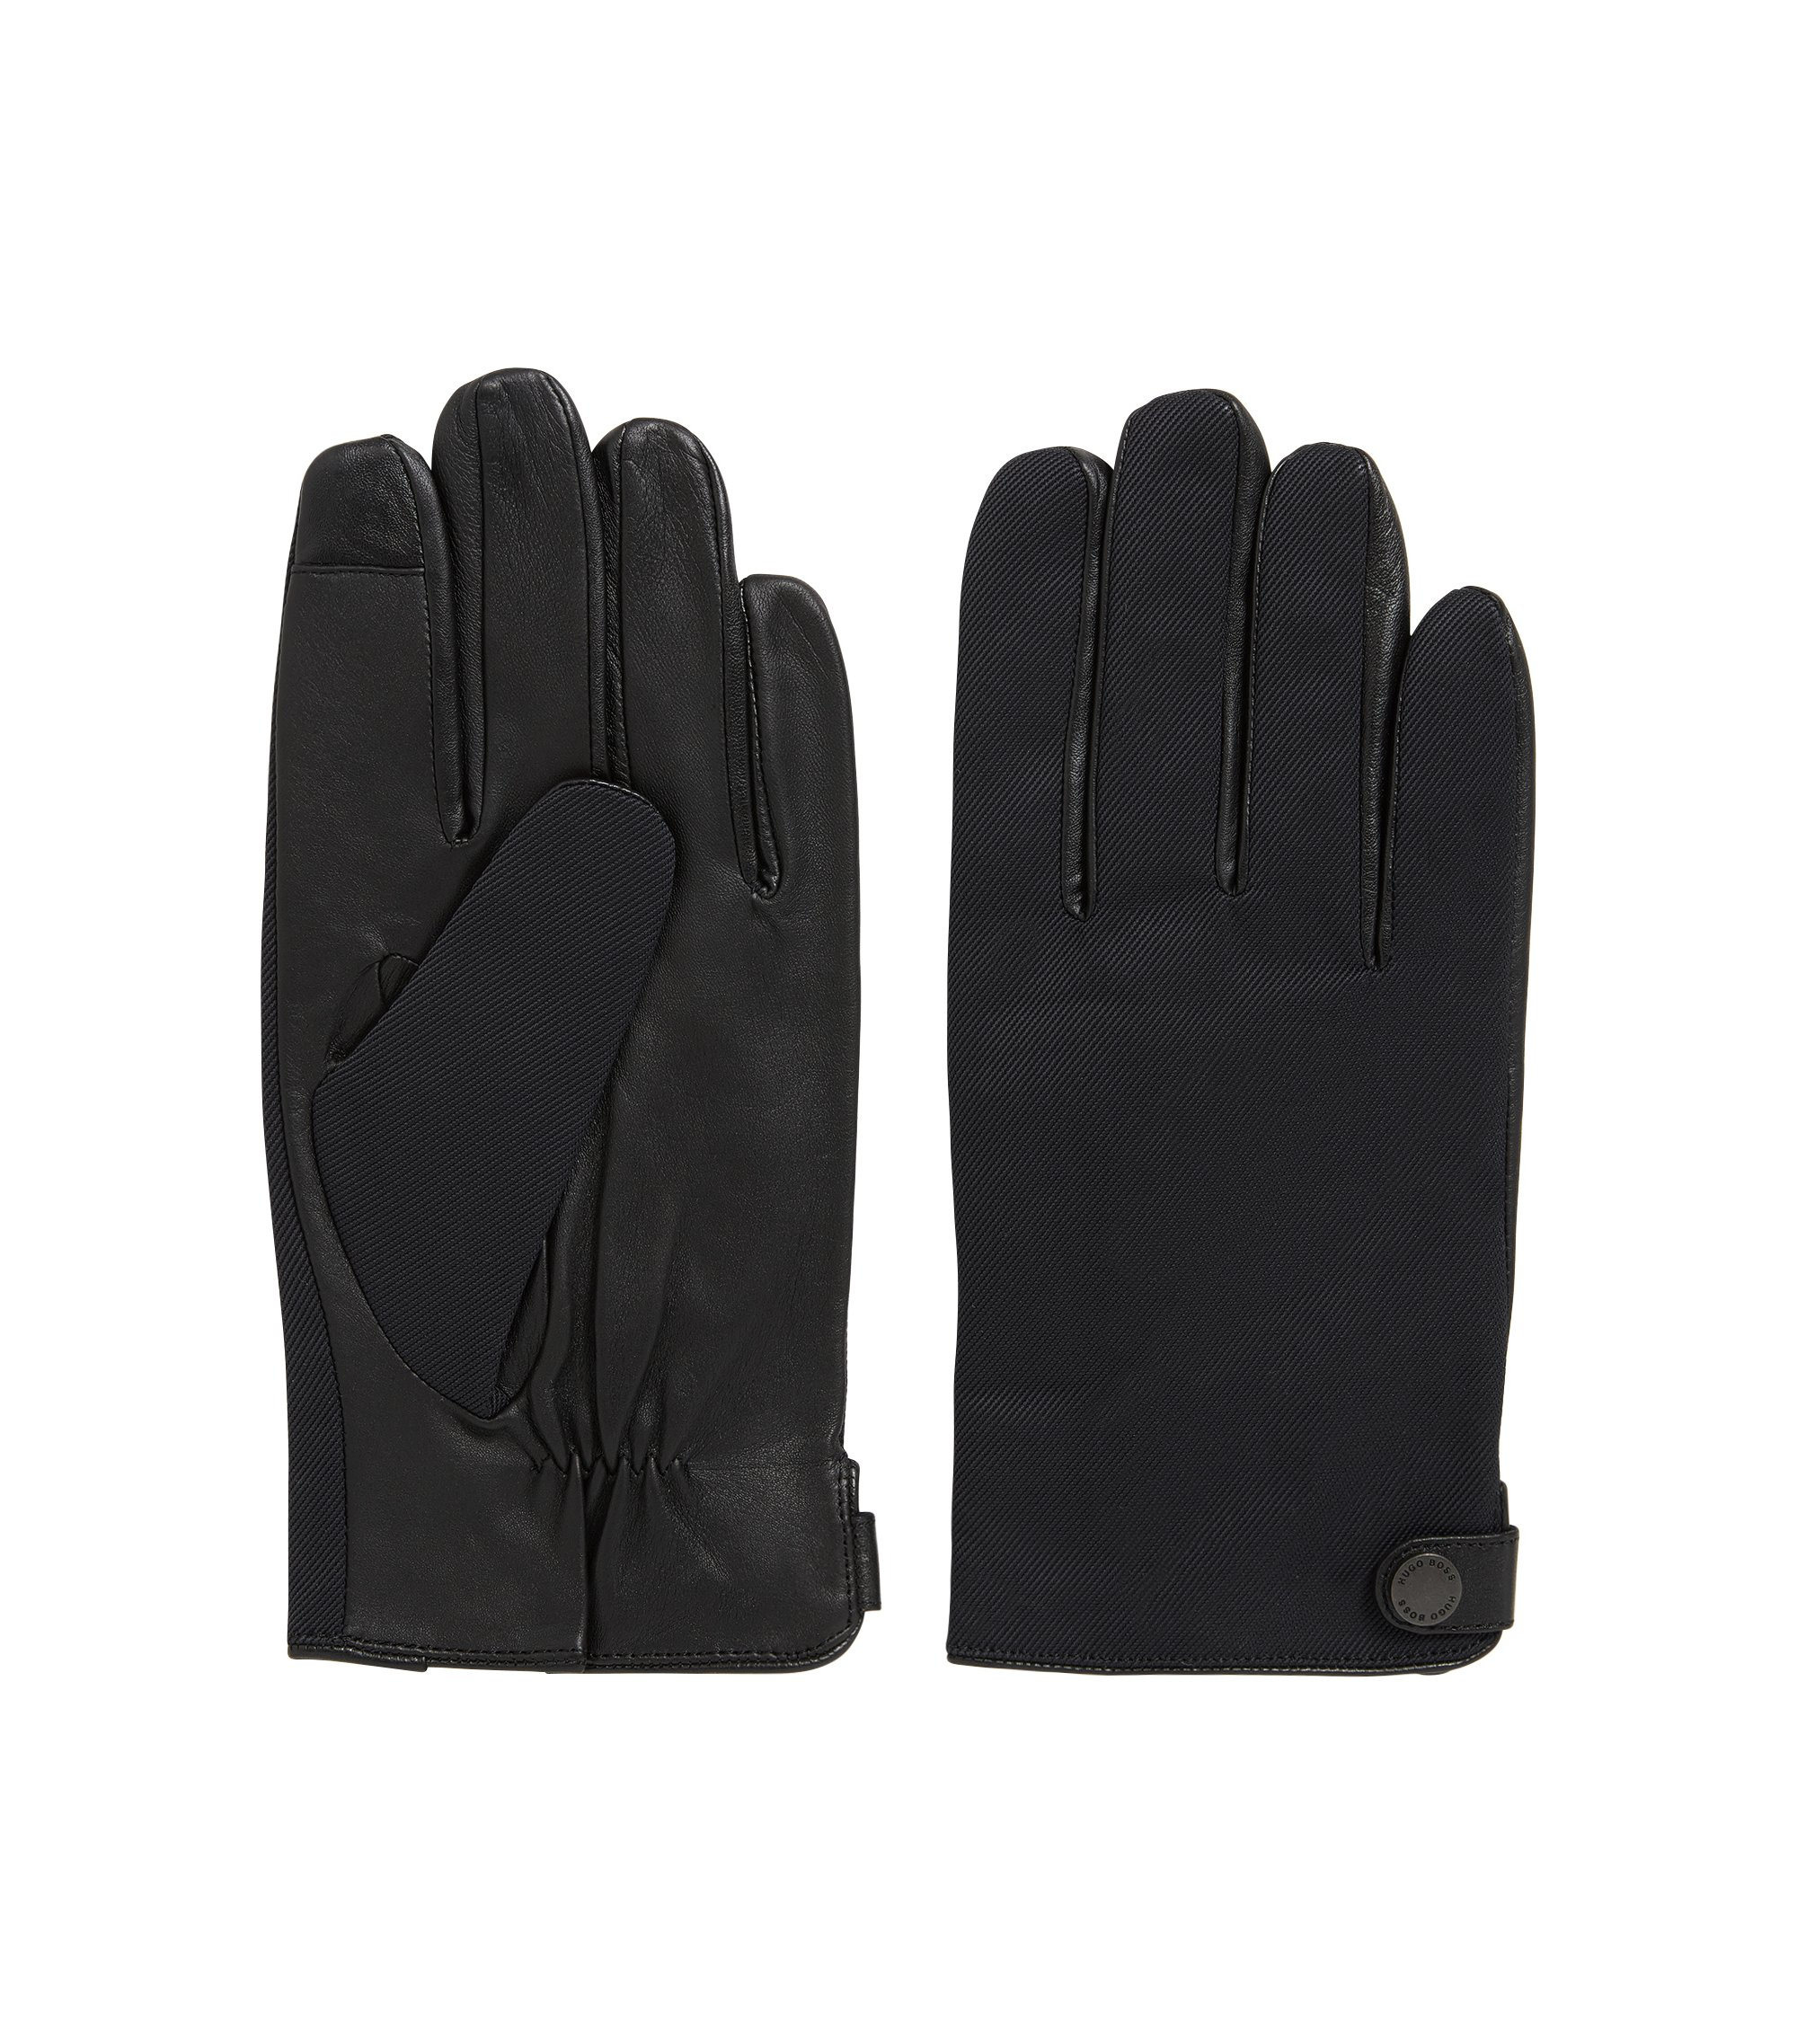 Guantes de piel de napa de cordero con detalles de tejido técnico, Negro